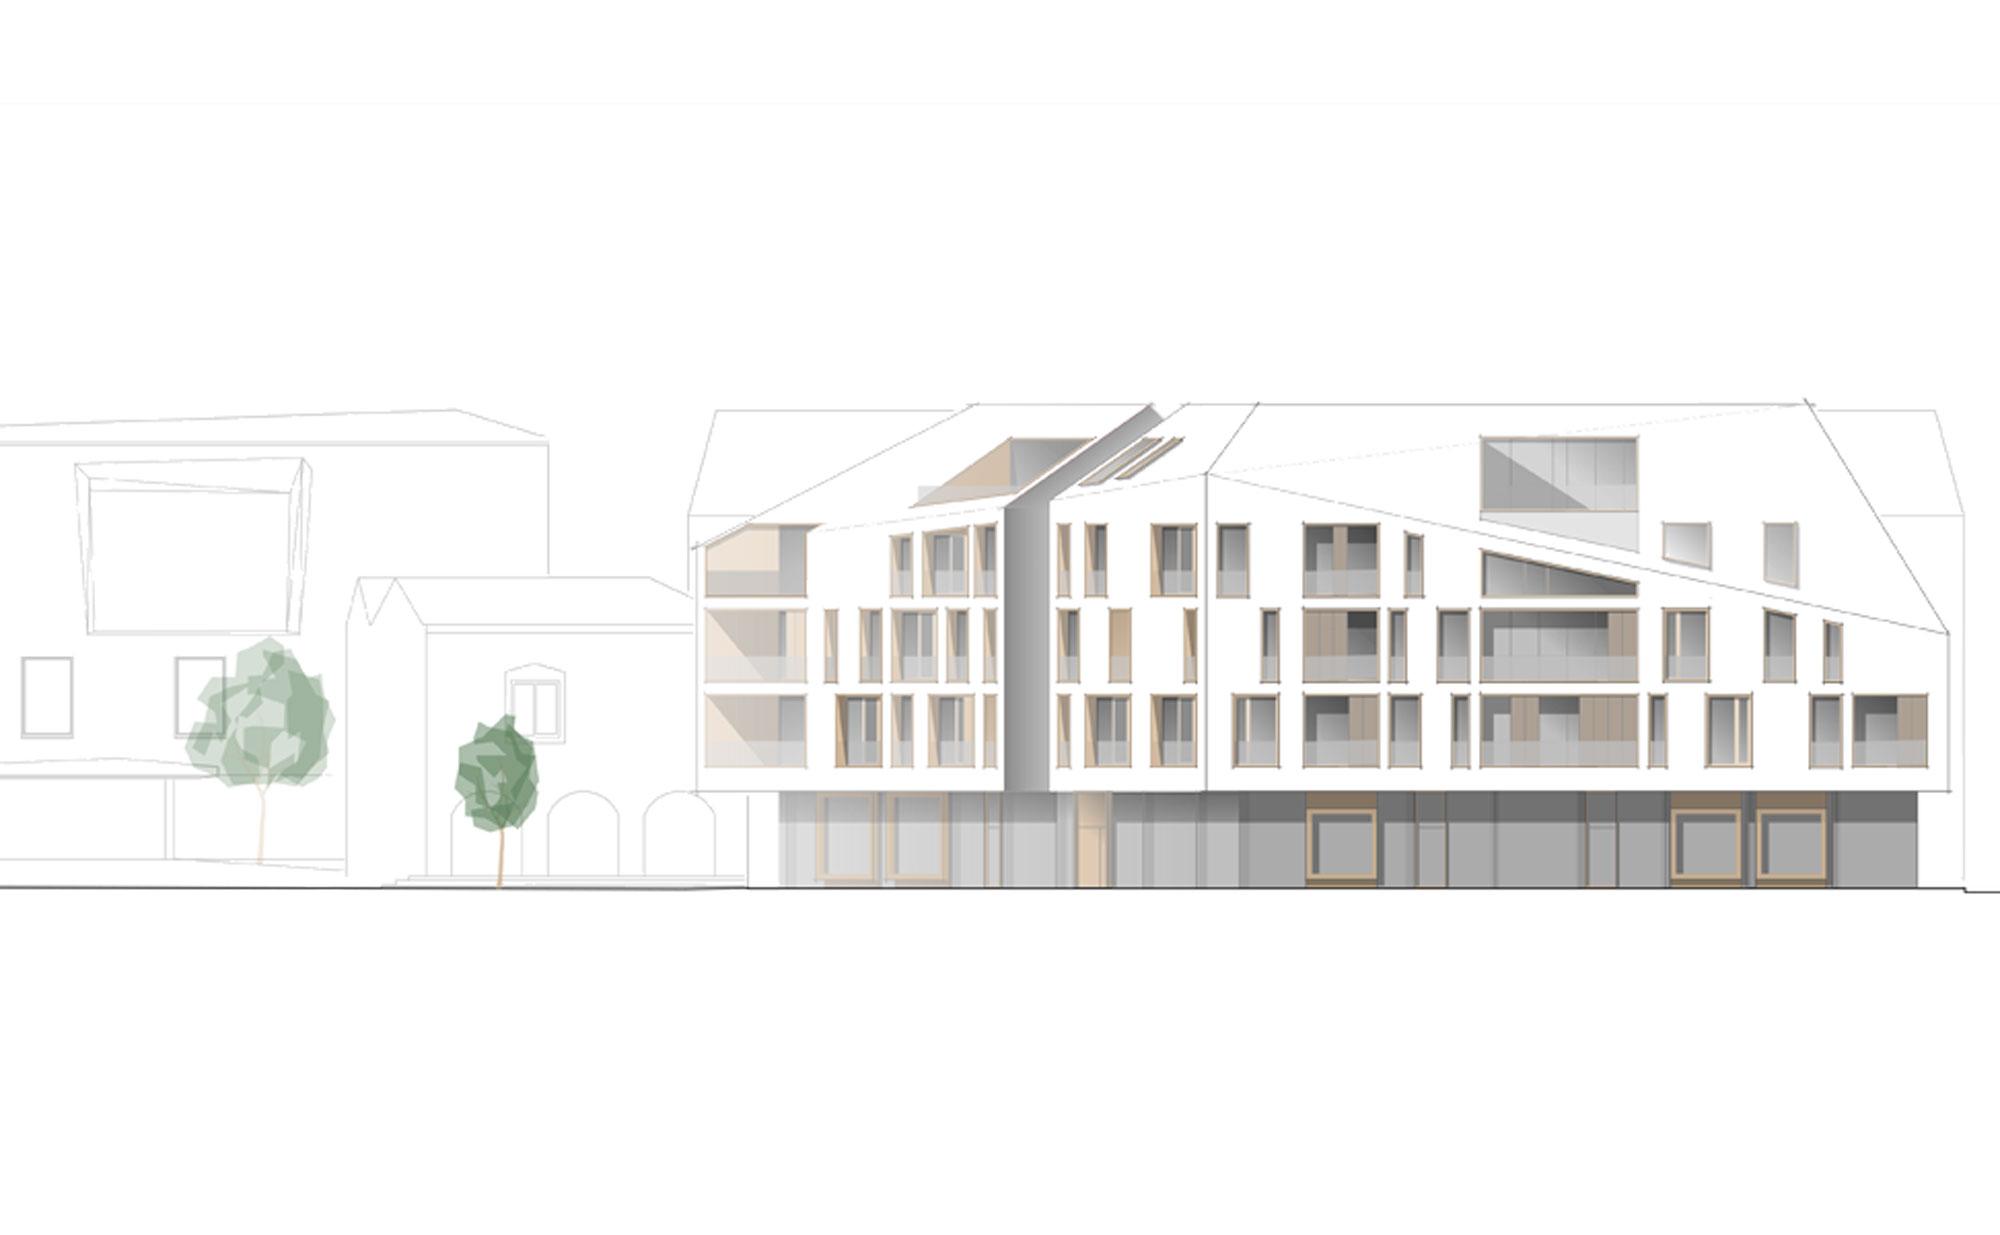 Blaesig-Architekten_Realisierungswettbewerb-Lichtspielhaus-6